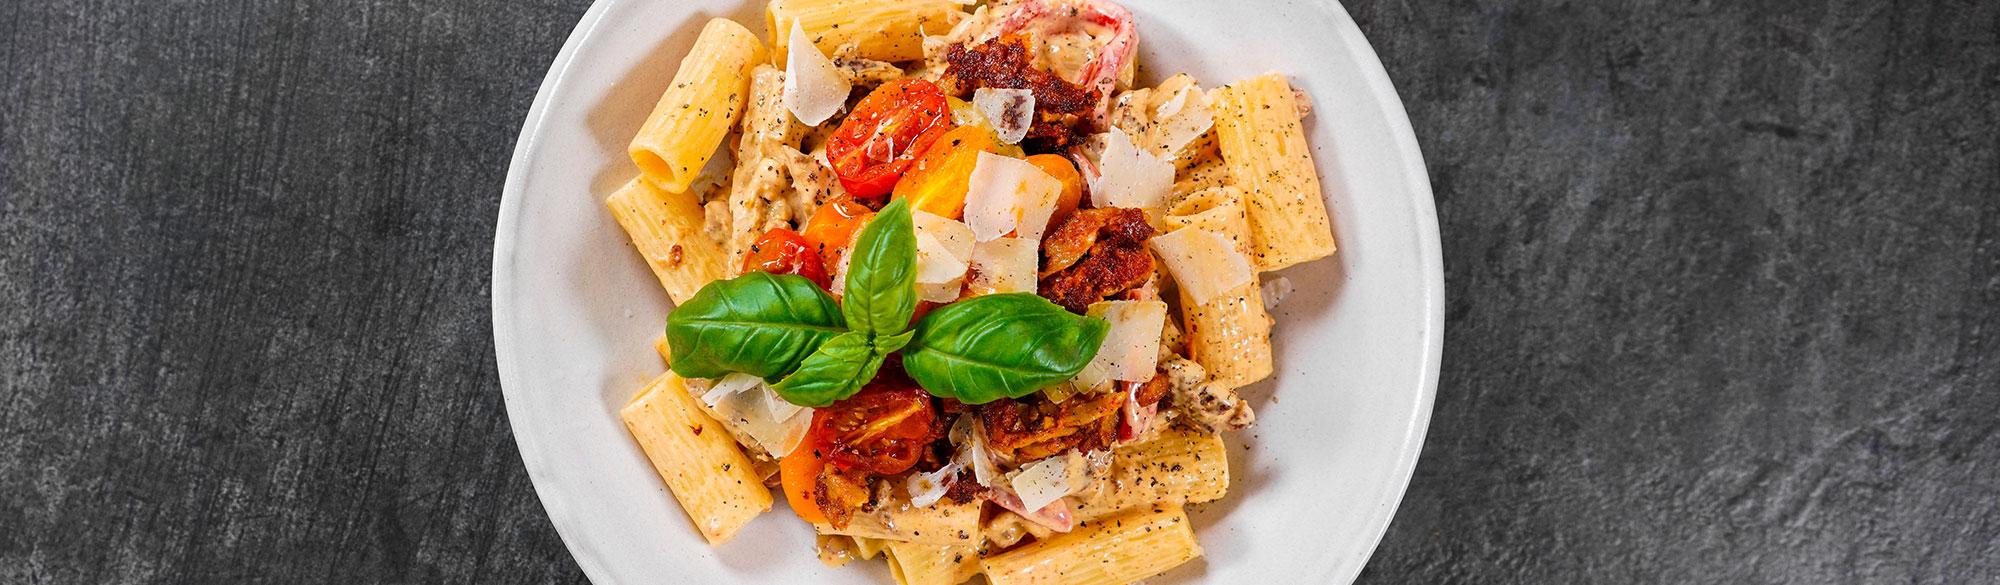 Tallrik med pasta och pulled pease